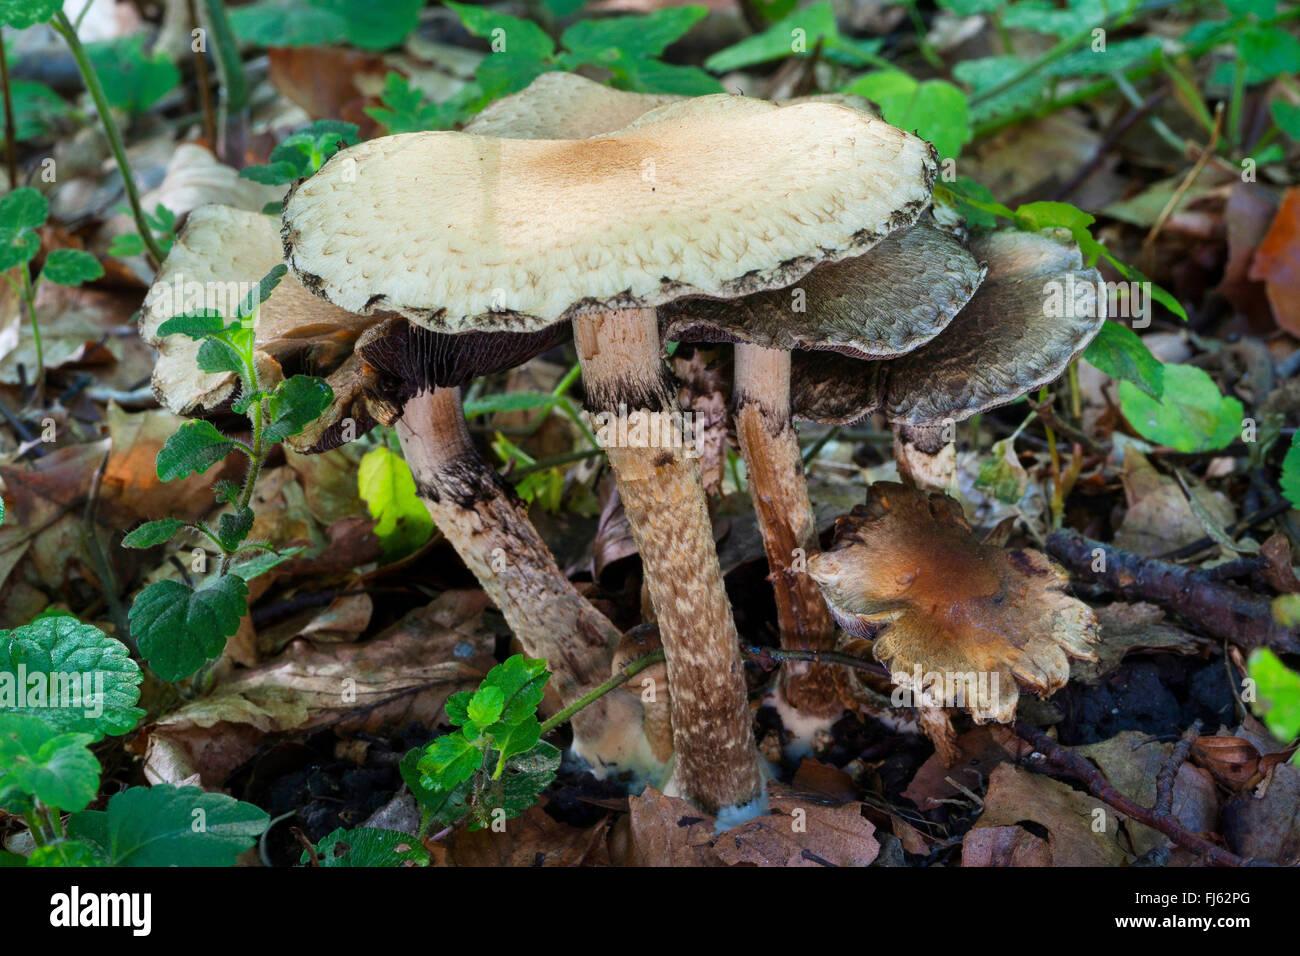 Weeping Widow (Lacrymaria lacrymabunda, Psathyrella lacrymabunda), fruiting bodies on forest ground, Germany - Stock Image